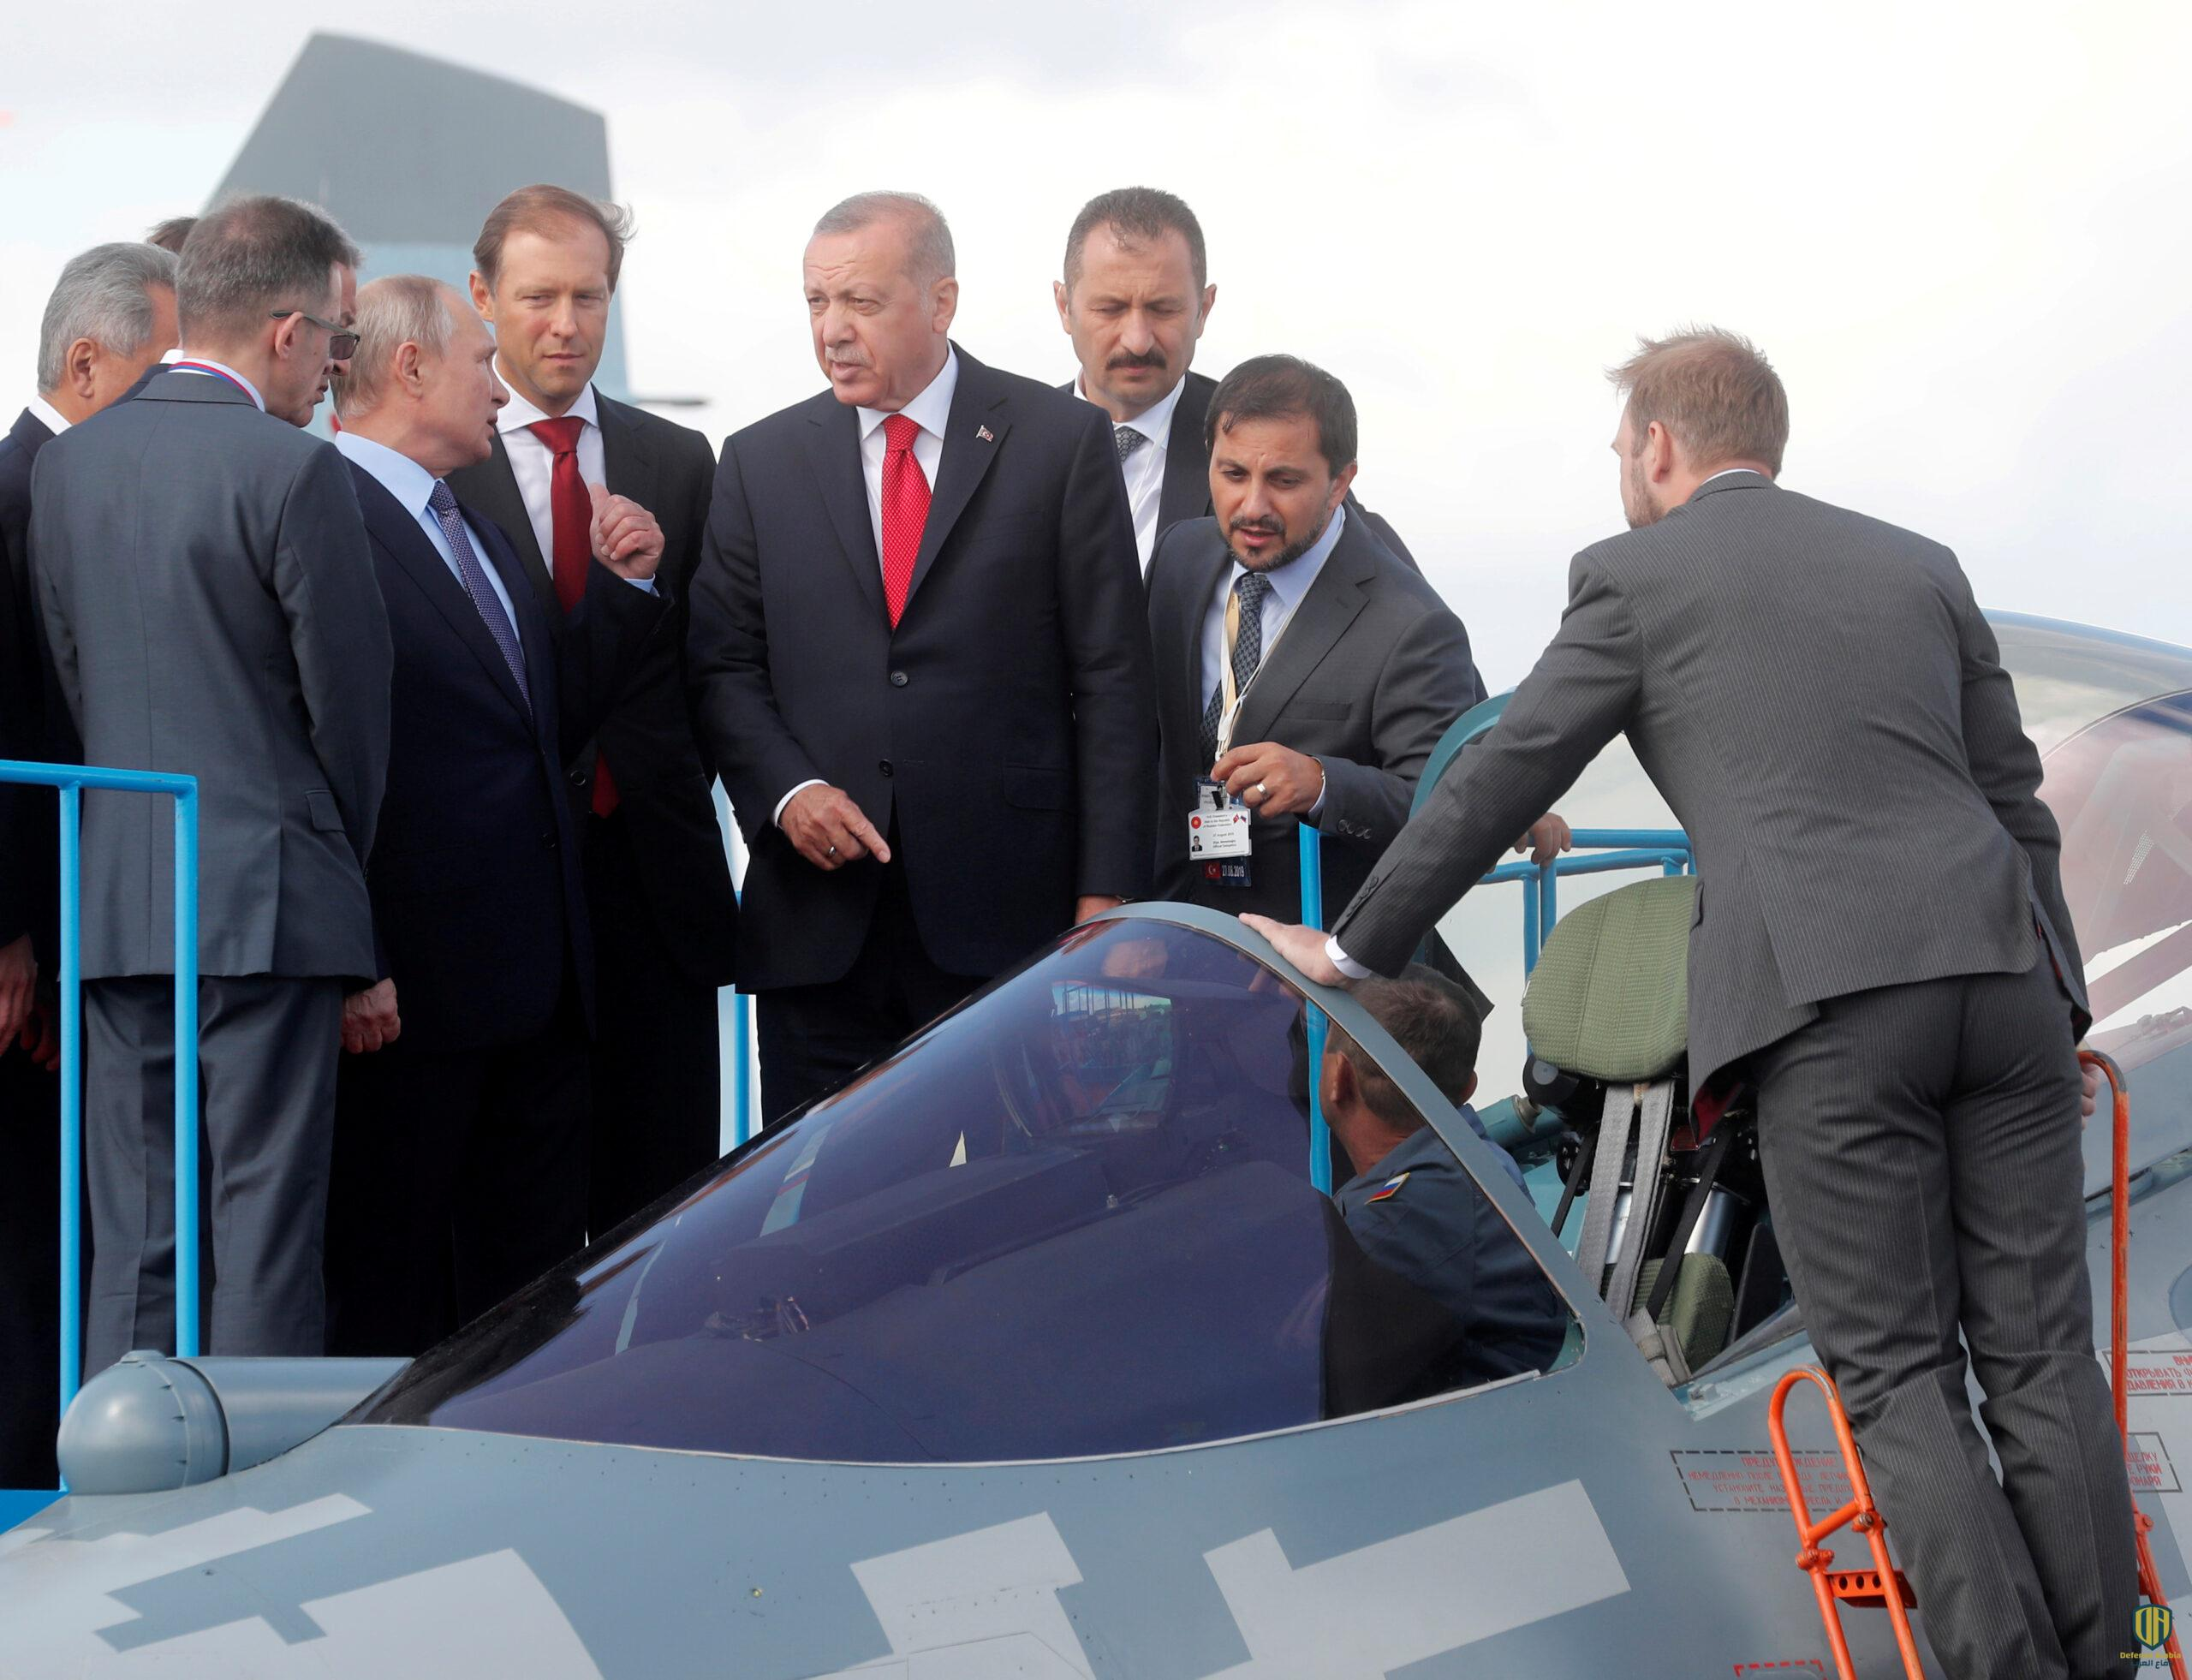 بوتين: جربنا أحدث الأسلحة في سوريا